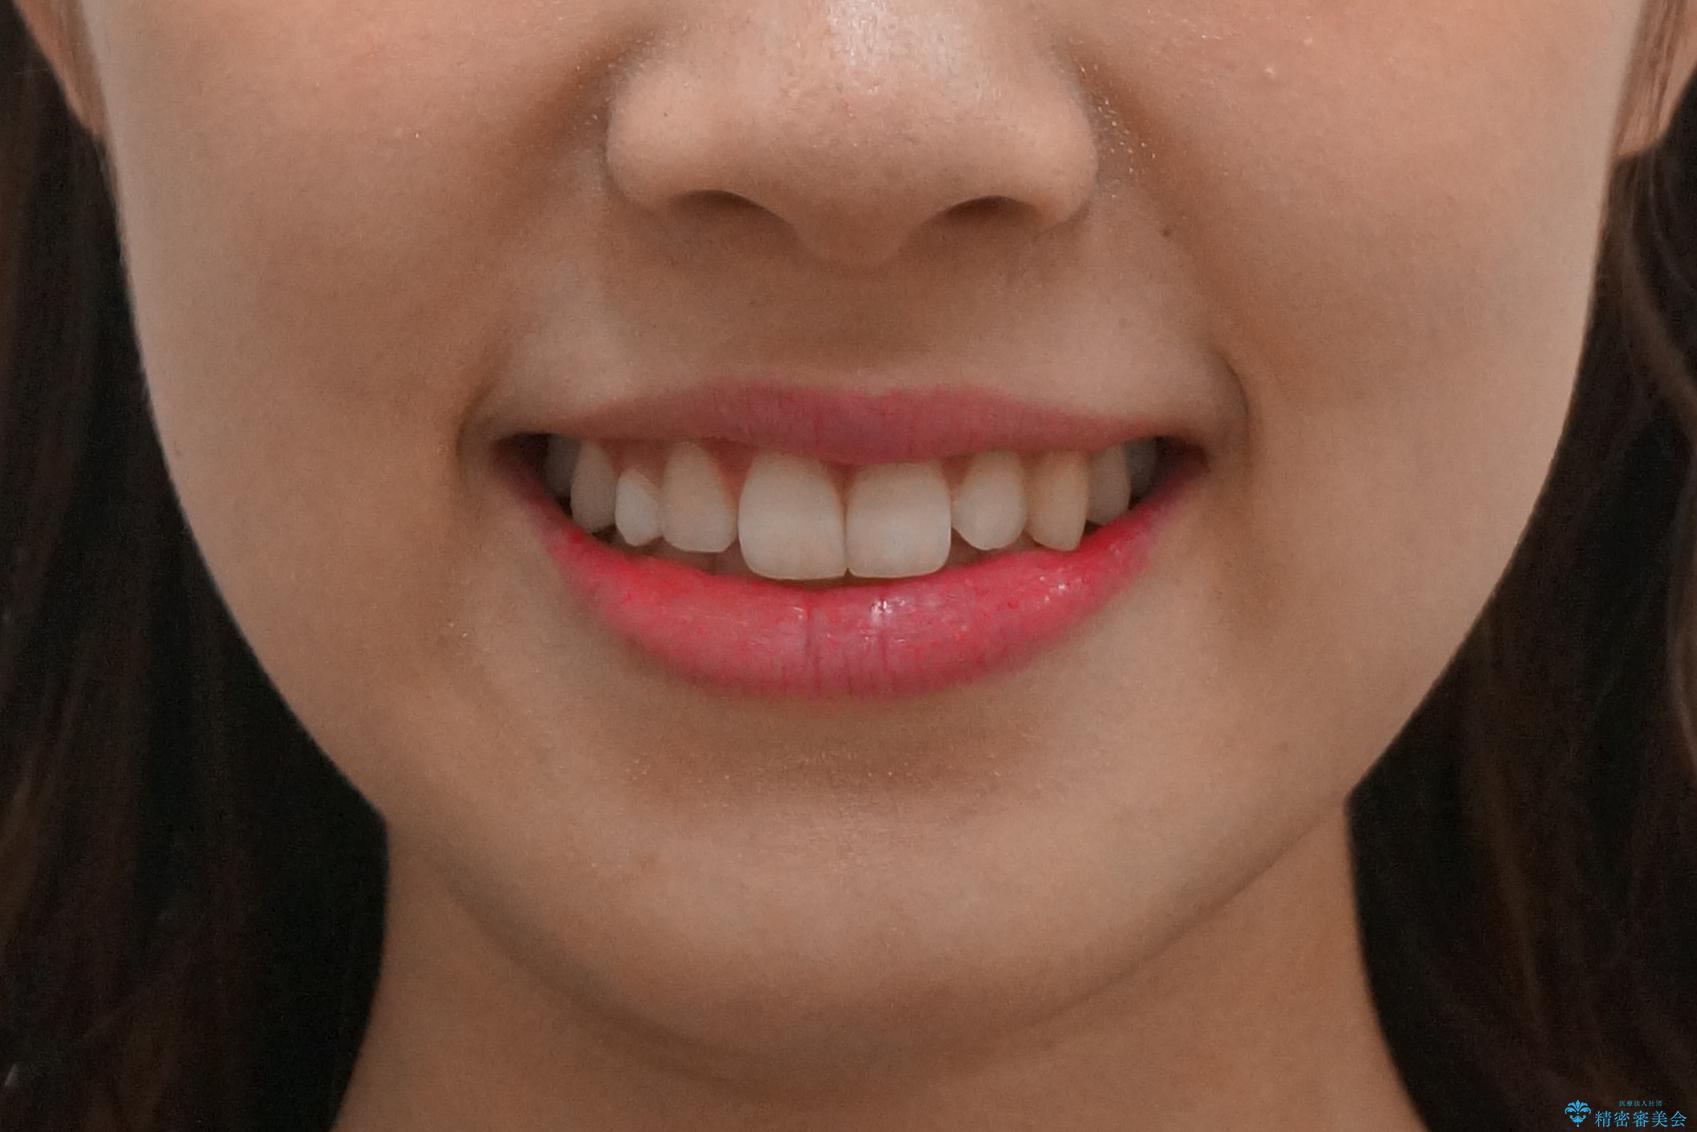 前歯のがたつき 乳歯を抜かずに矯正の治療後(顔貌)